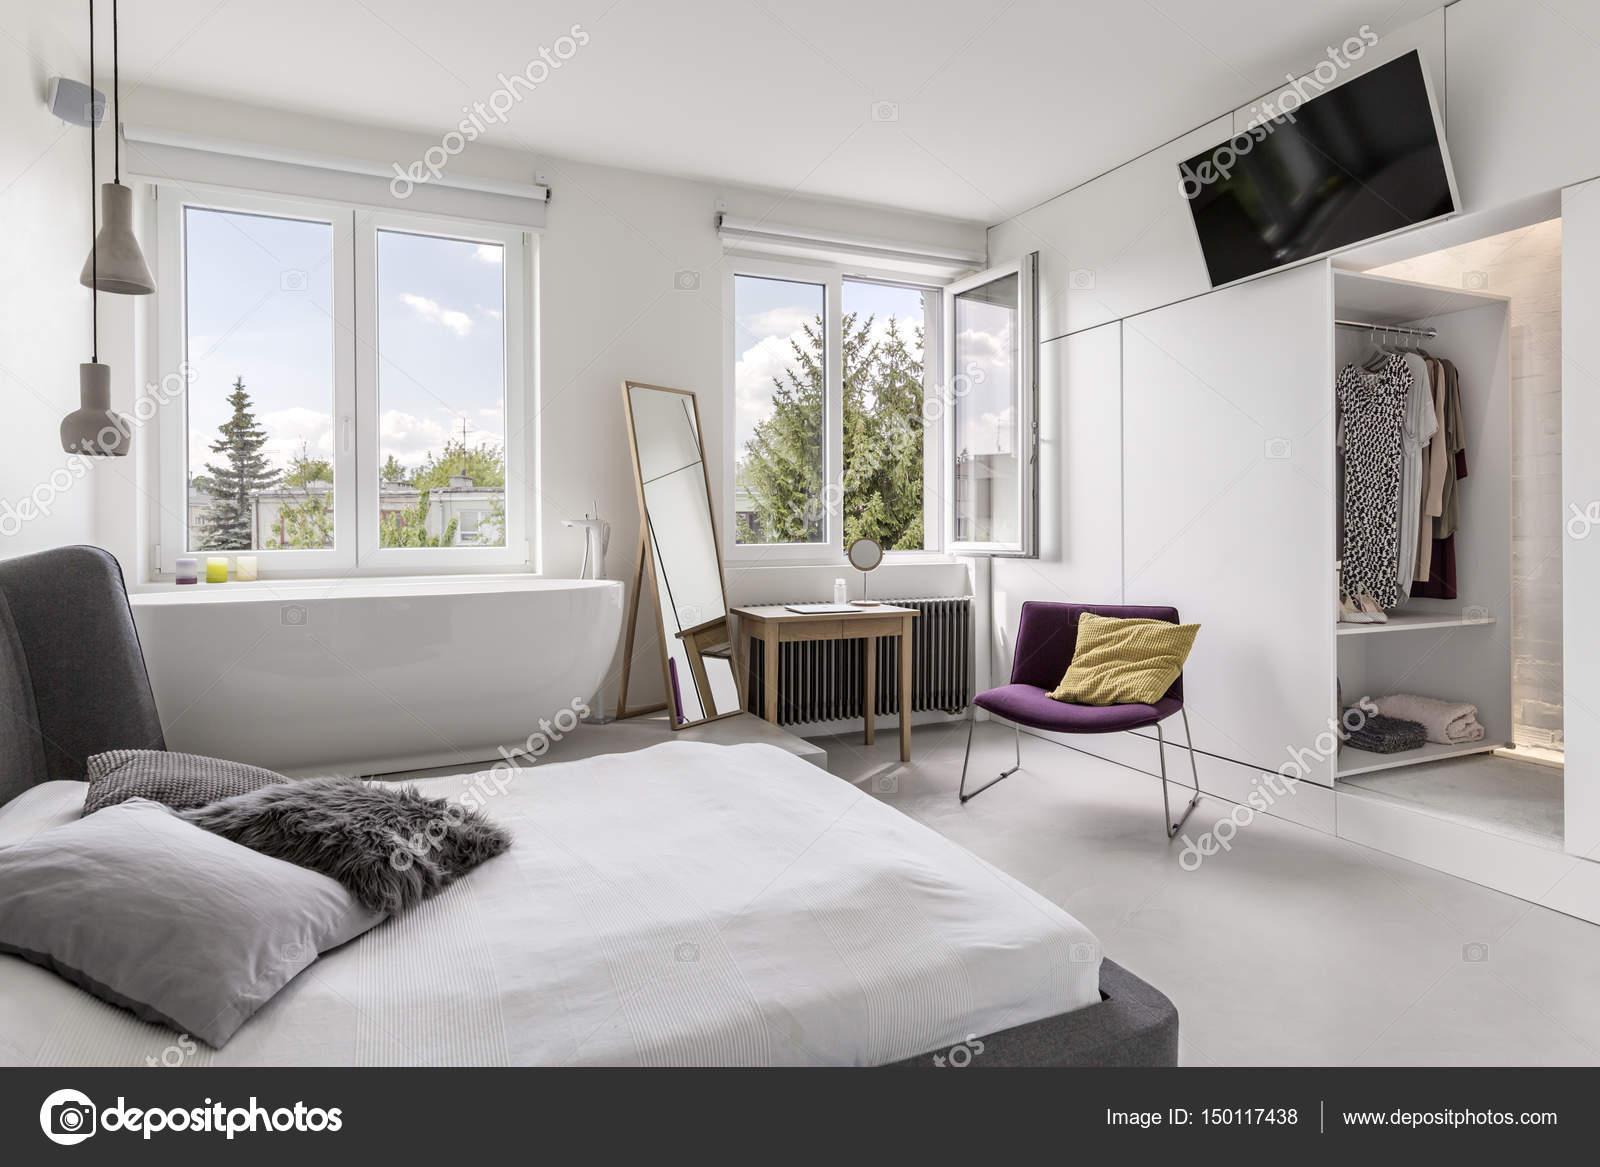 Camera da letto moderna multifunzionale con bagno — Foto Stock ...